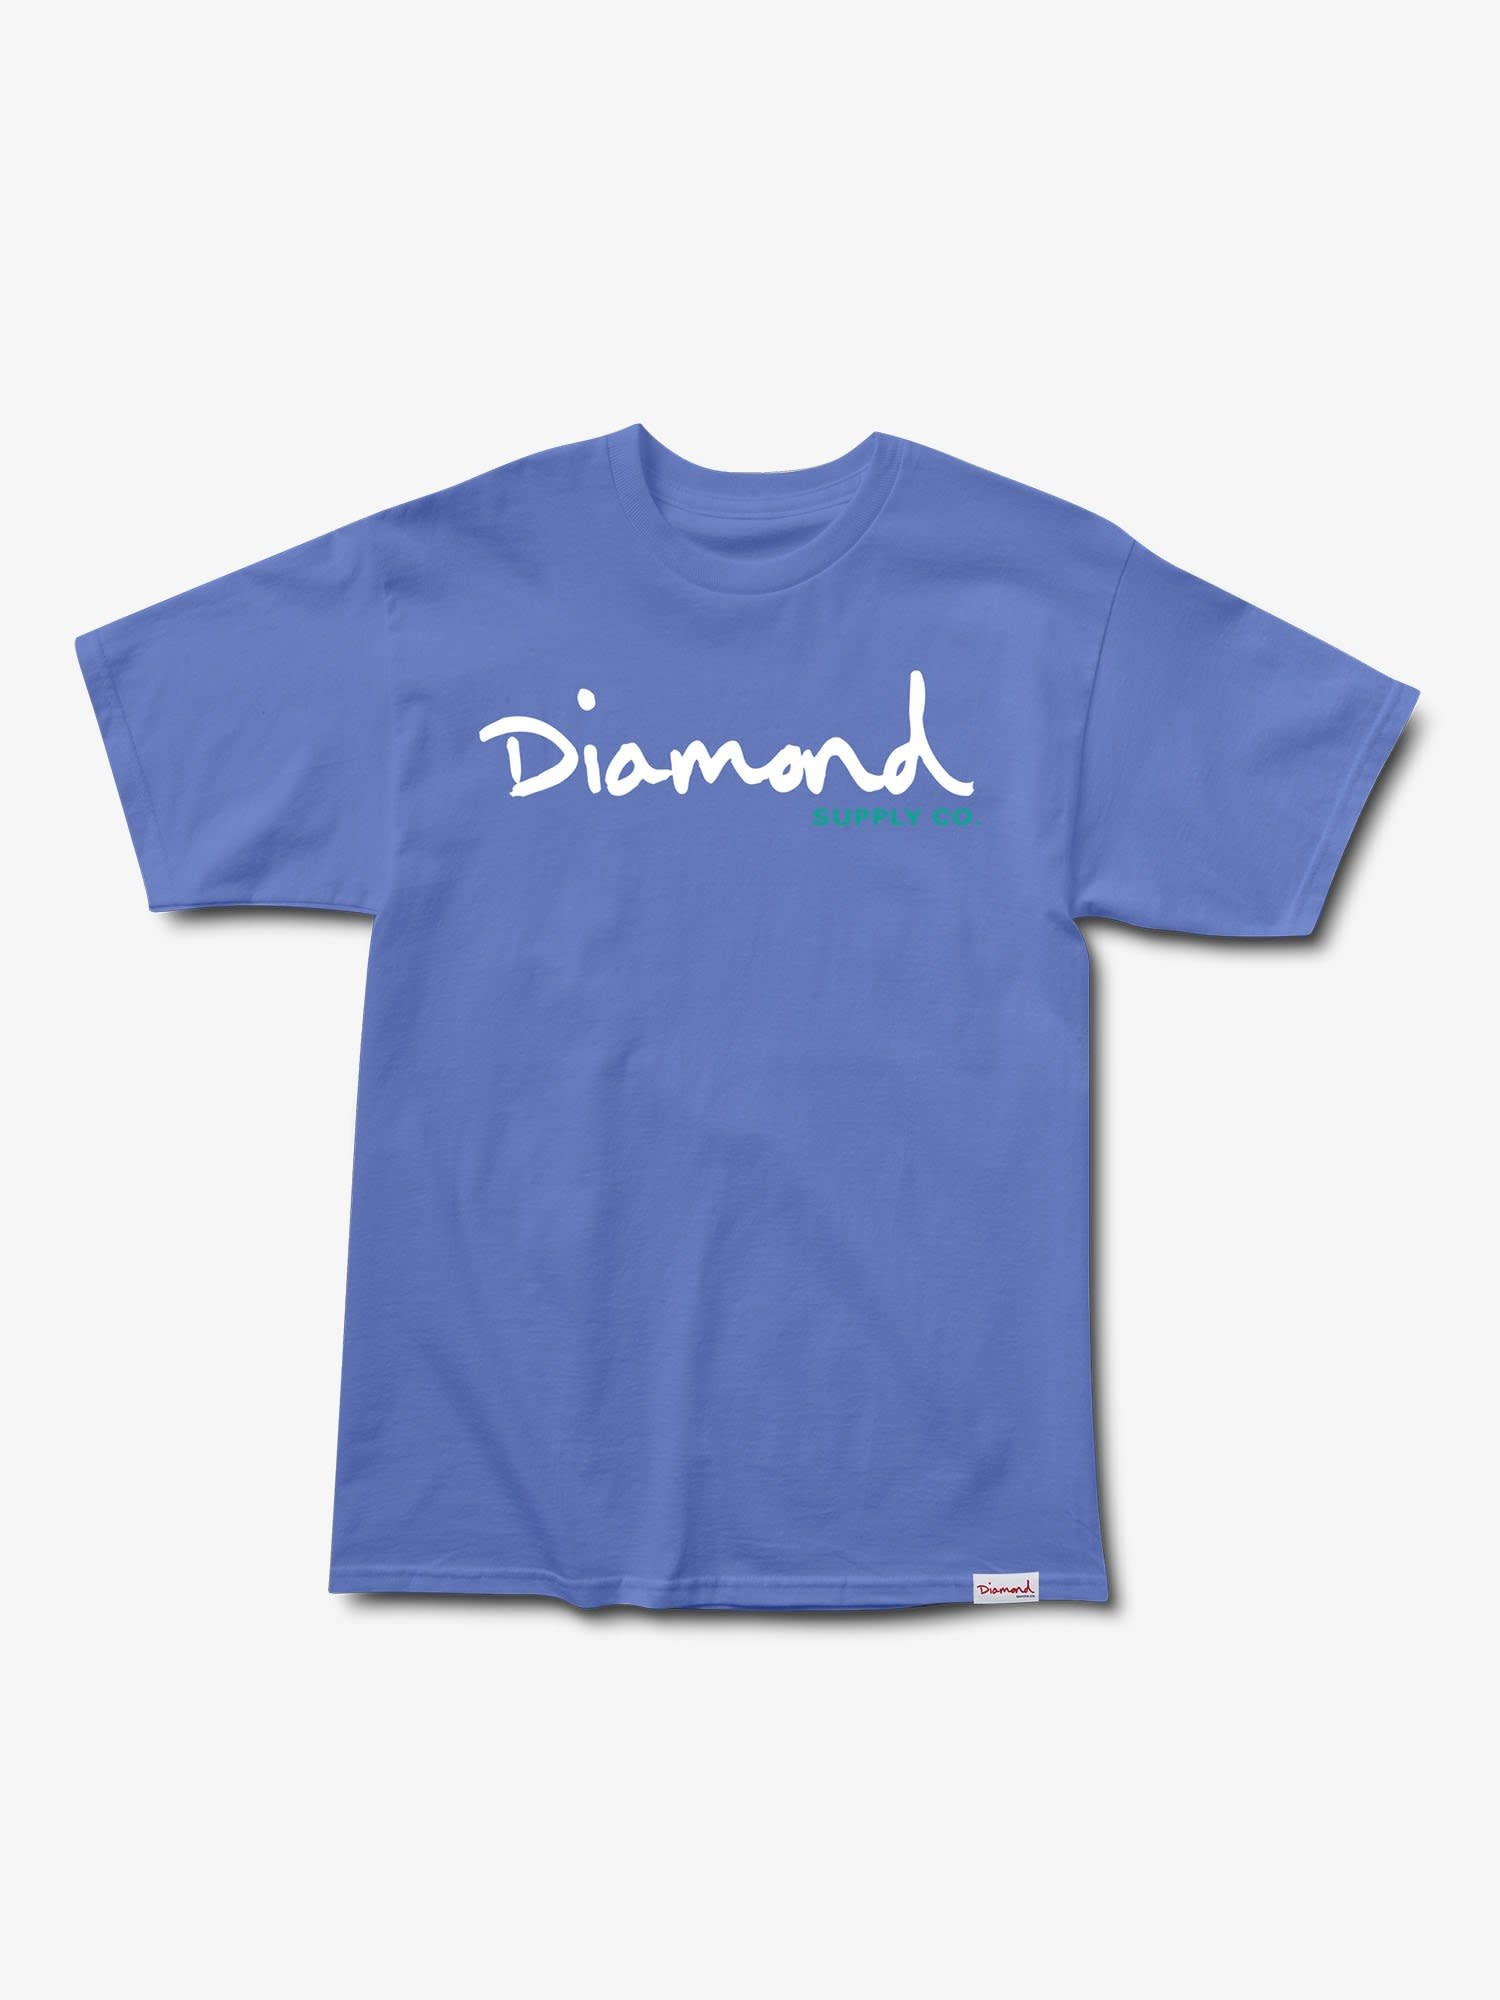 Diamond OG Script Overdyed Tee - Blue